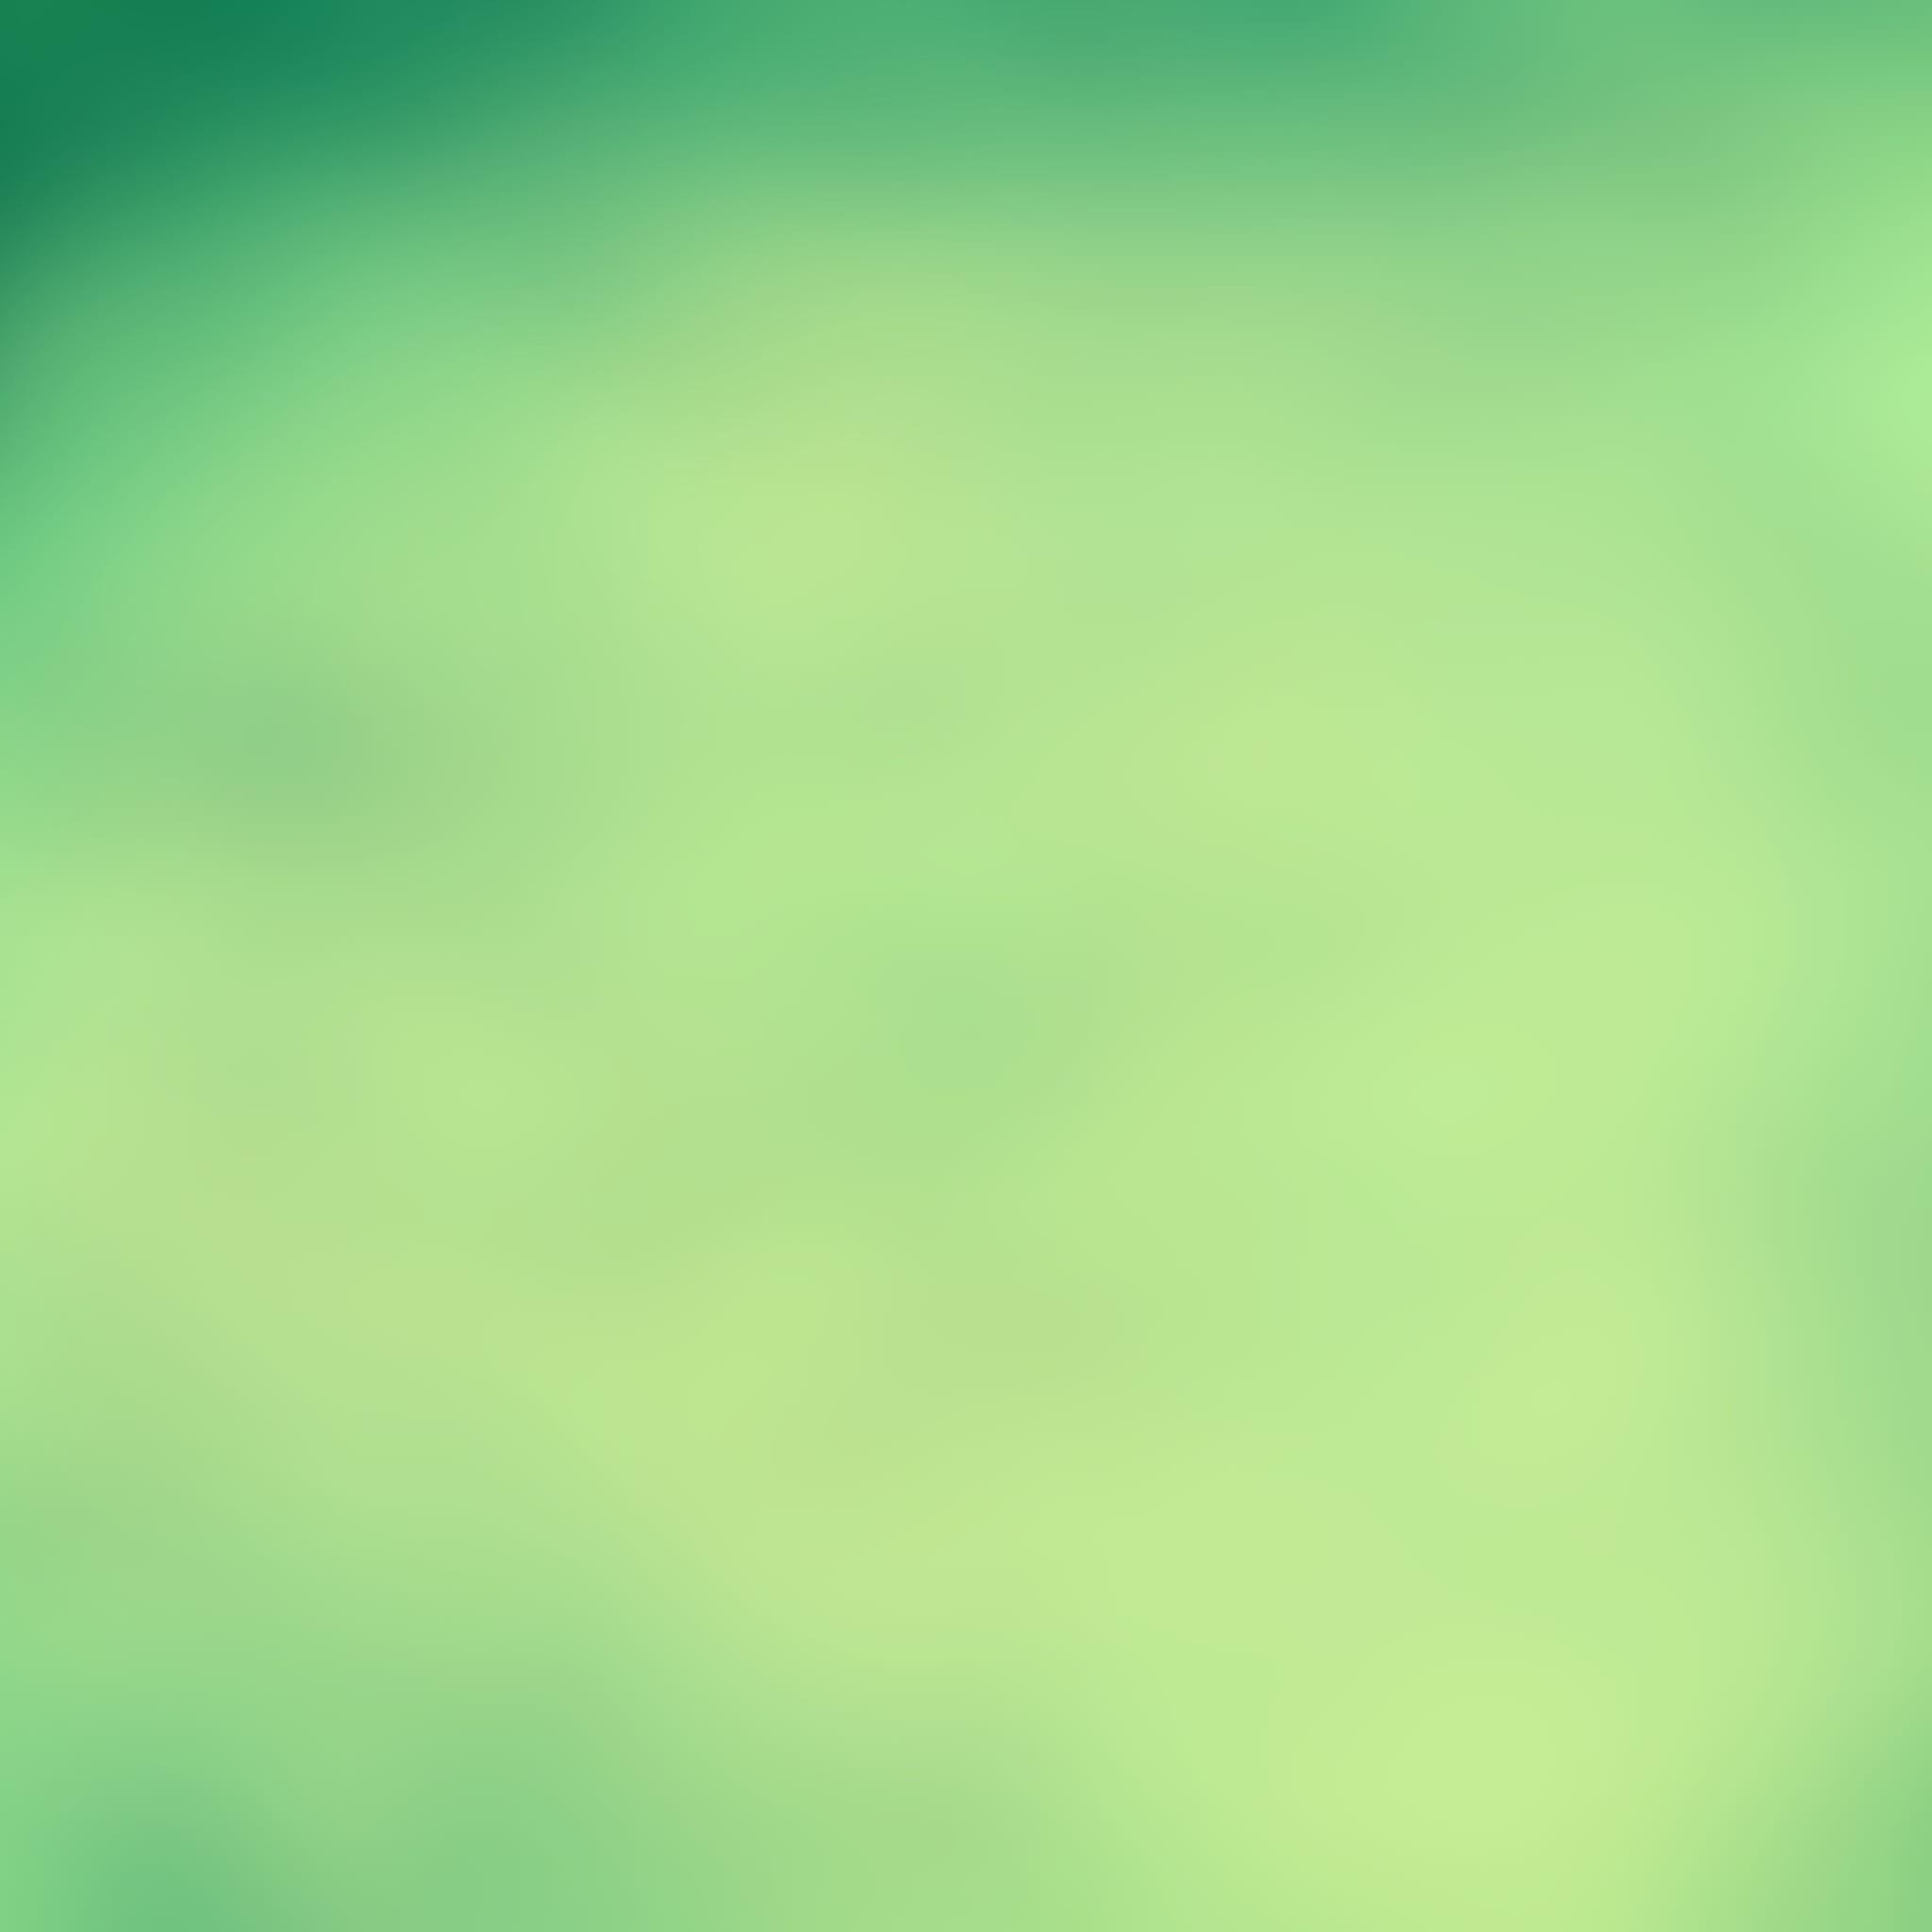 iPad iPad mini wallpaper